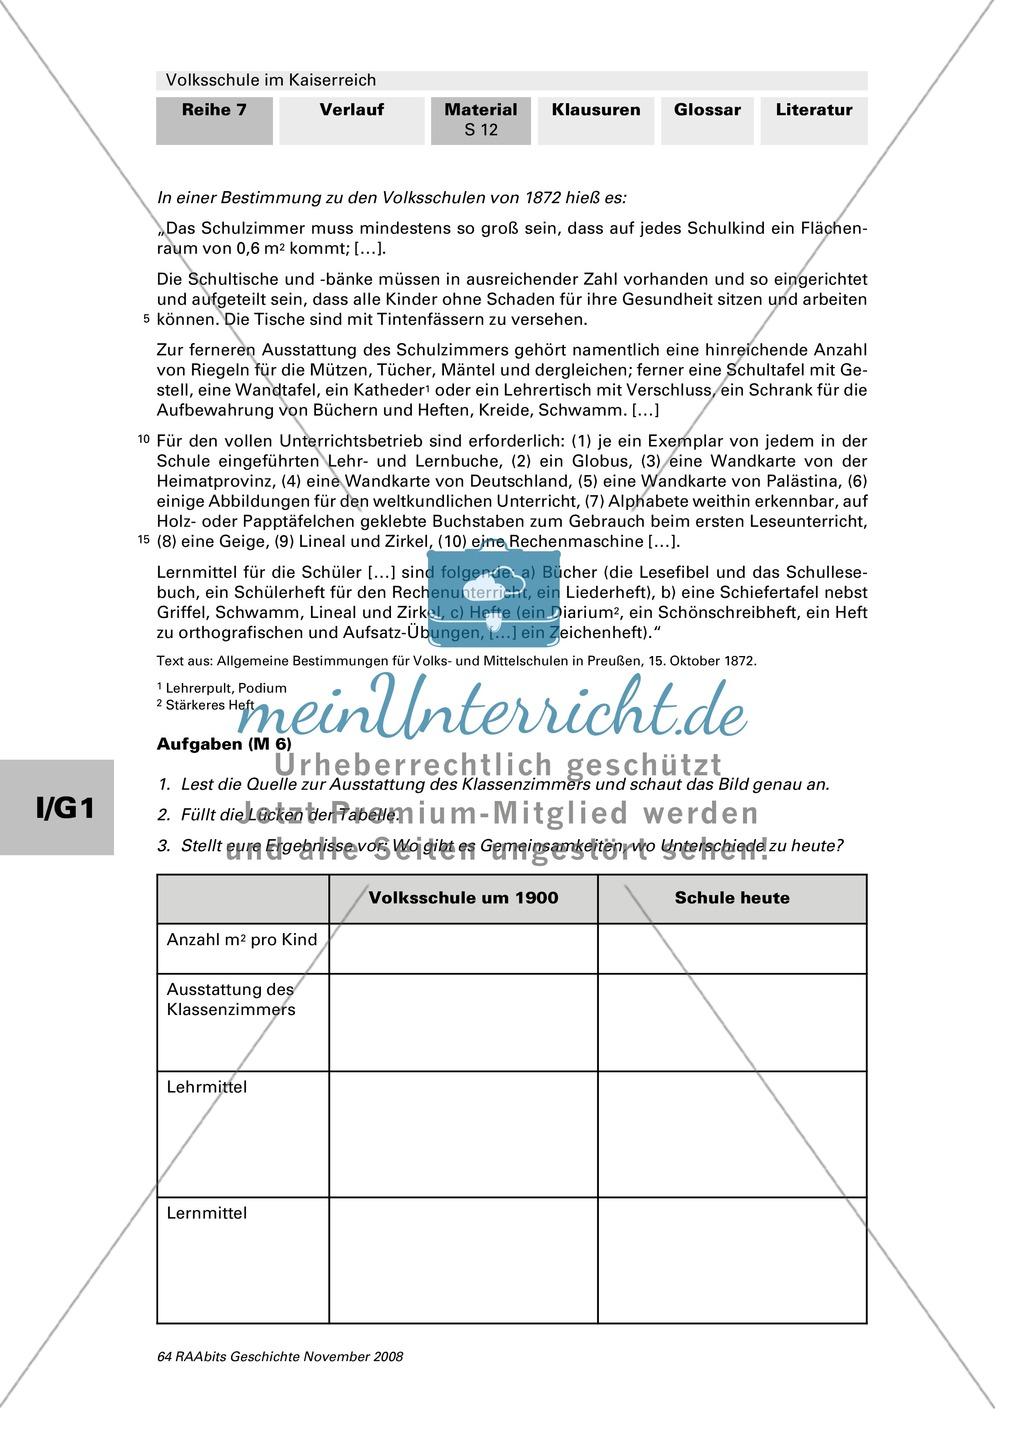 Volksschule im Kaiserreich: Gruppenarbeit zu Aspekten der Volksschule wie Disziplin, Regeln, Strafen, Stundenplan, Lehrerverhalten Preview 10